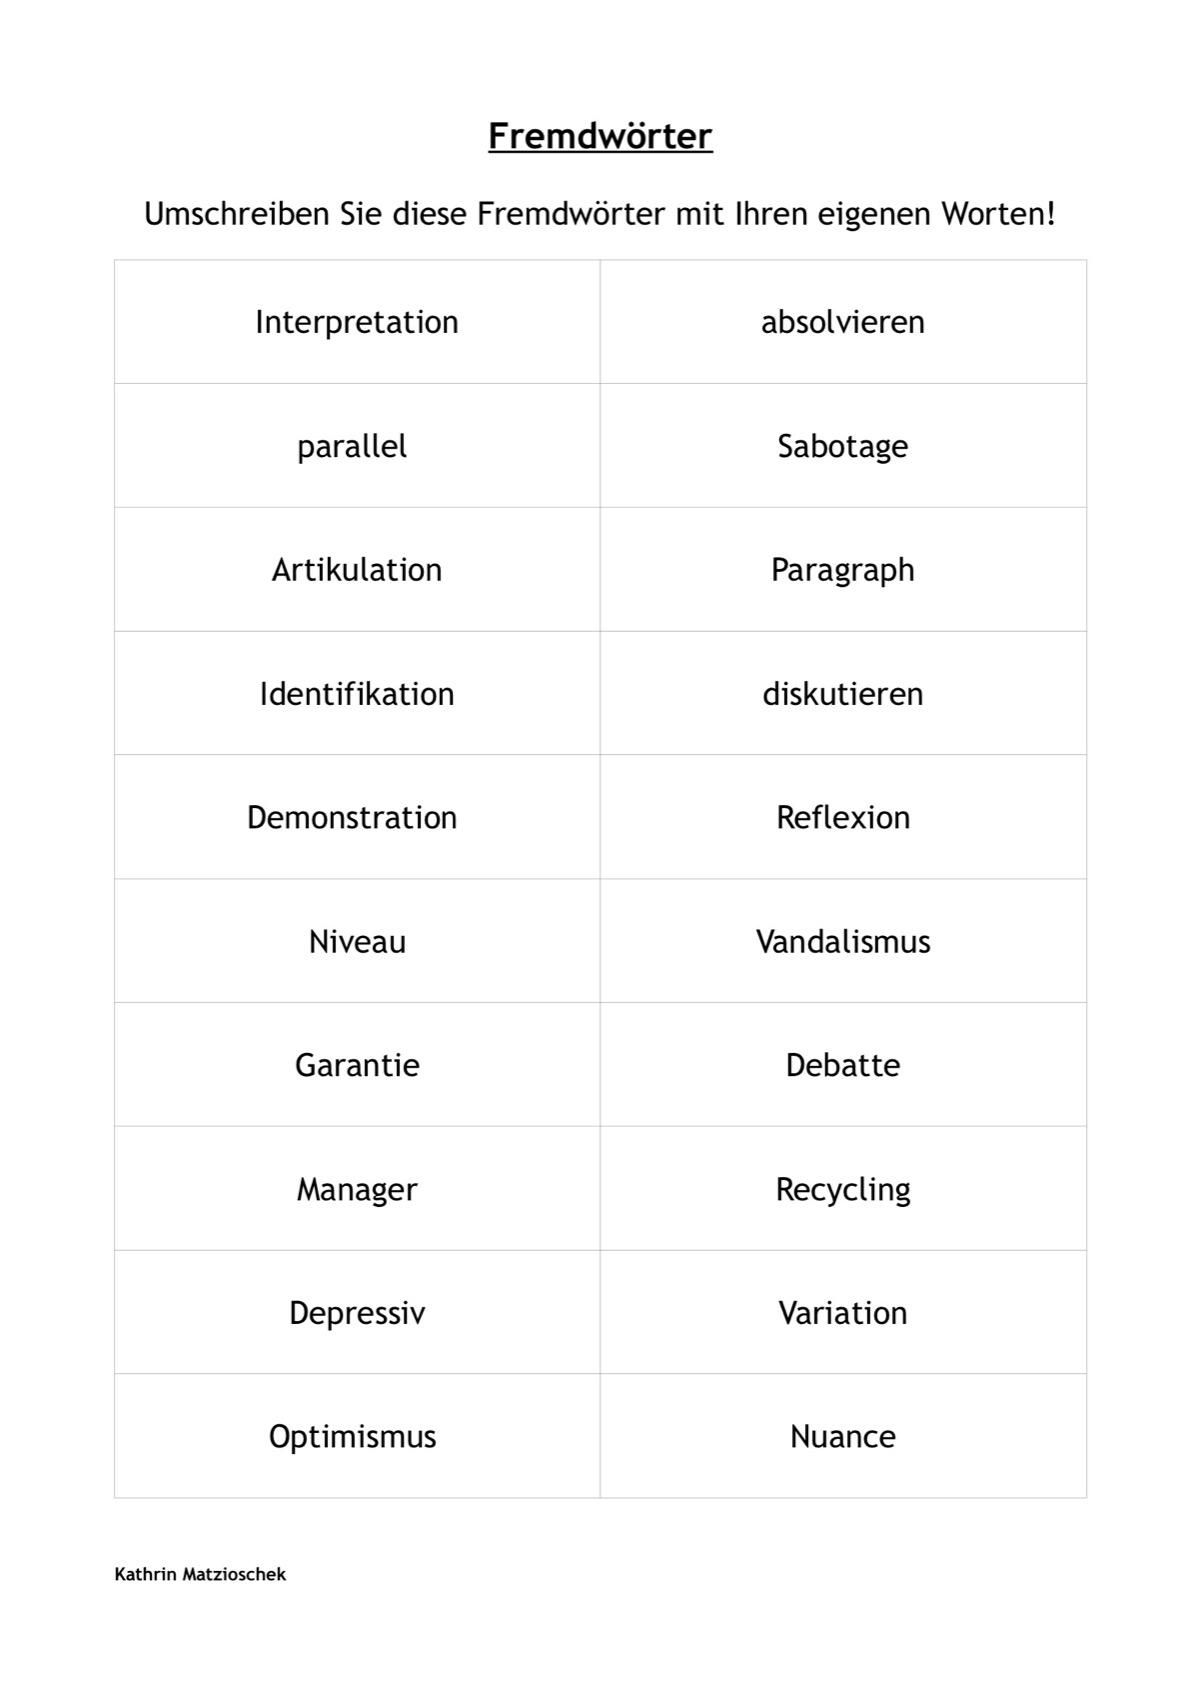 Sammlungen mit Fremdwörter erklären - Aphasie - madoo.net